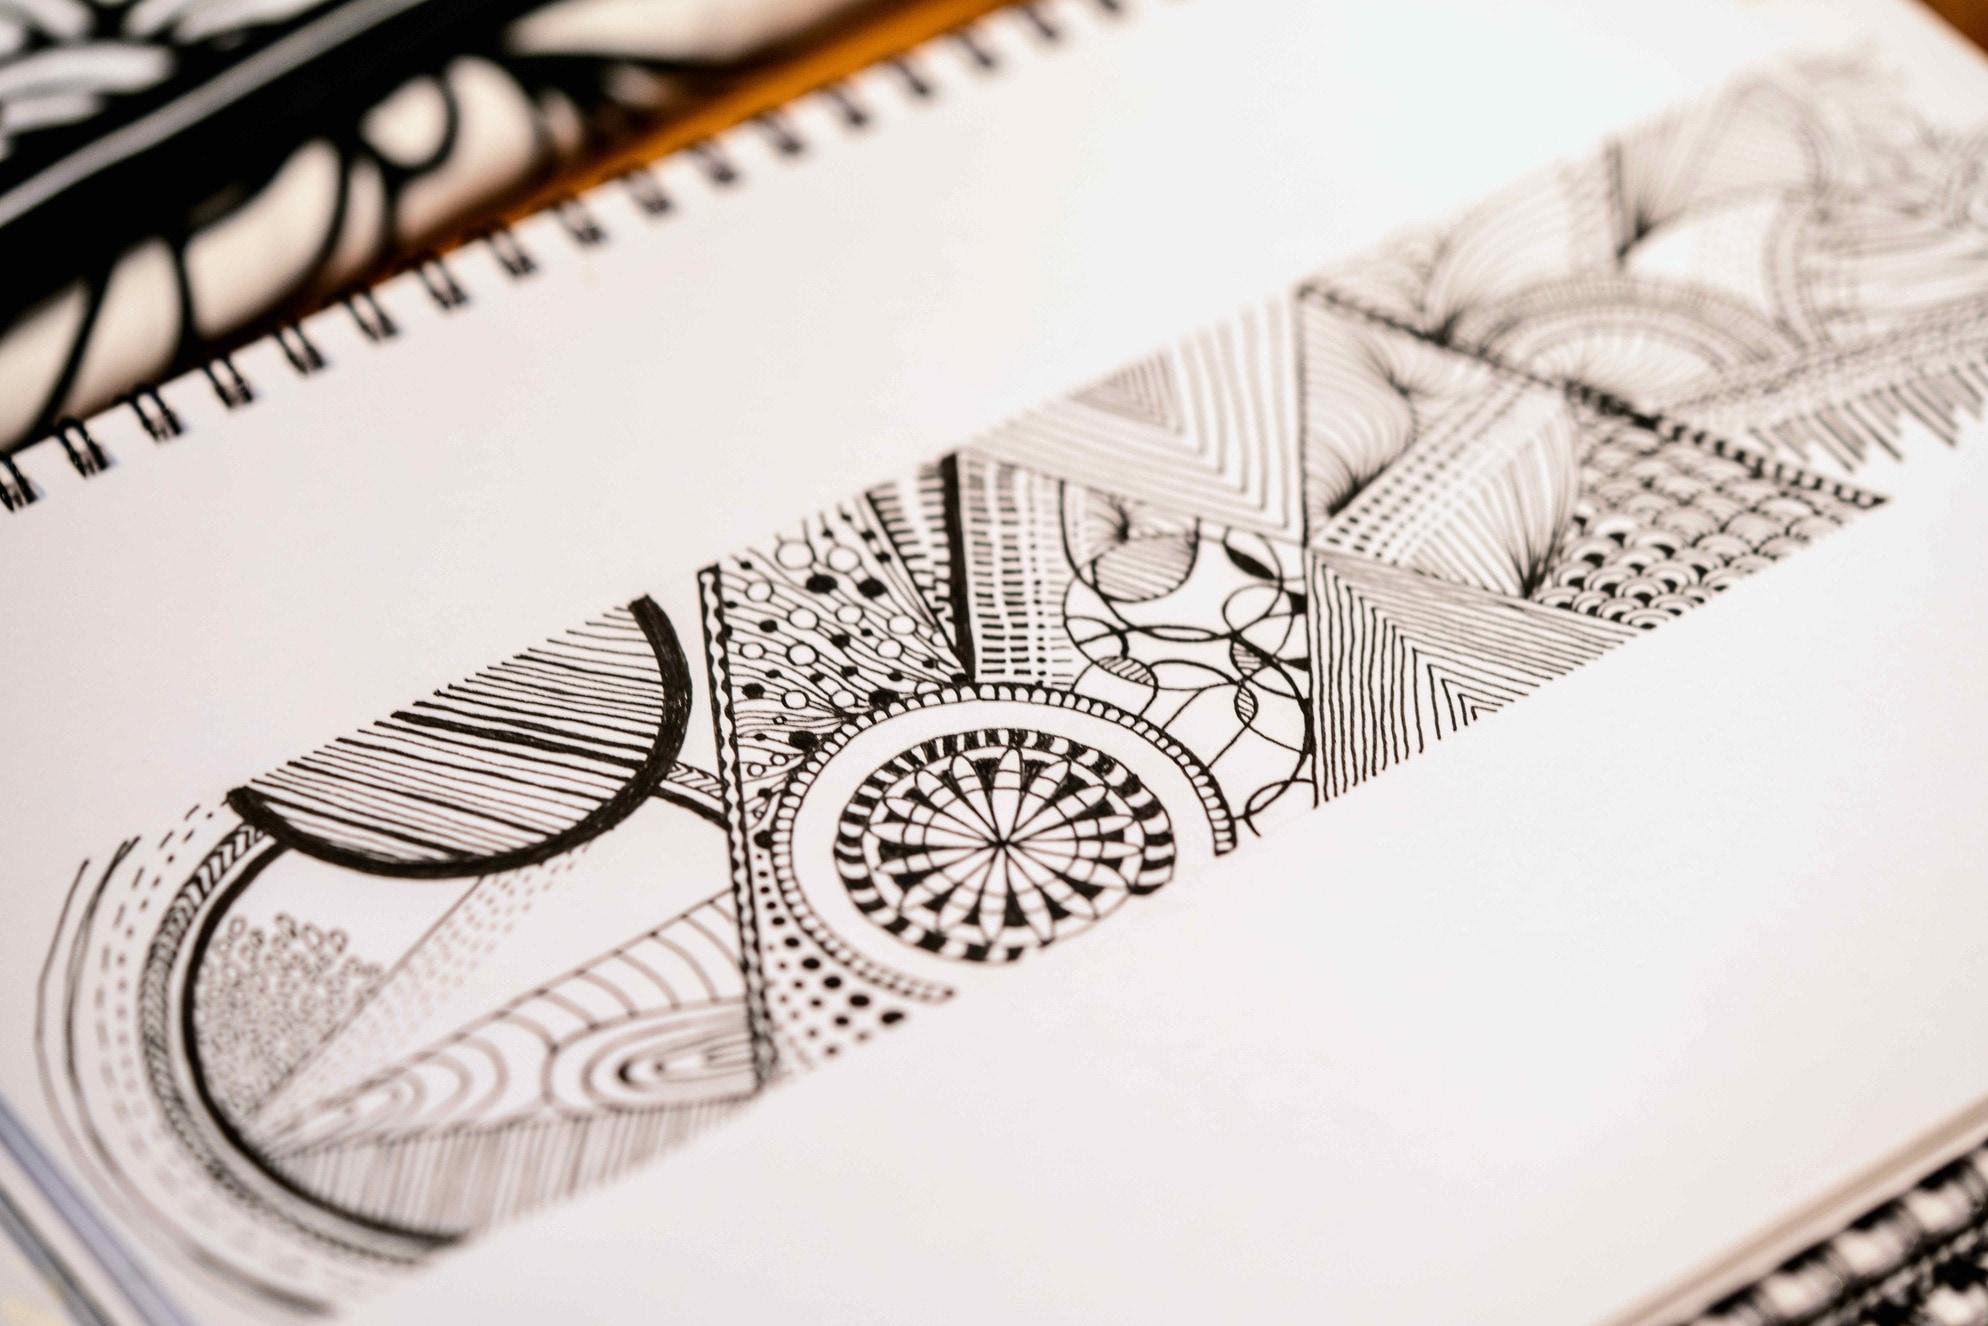 プロダクトデザインブランドmonmecci(モンメッチ)のデザイナー菊池さんのノート,幾何学模様のイラスト